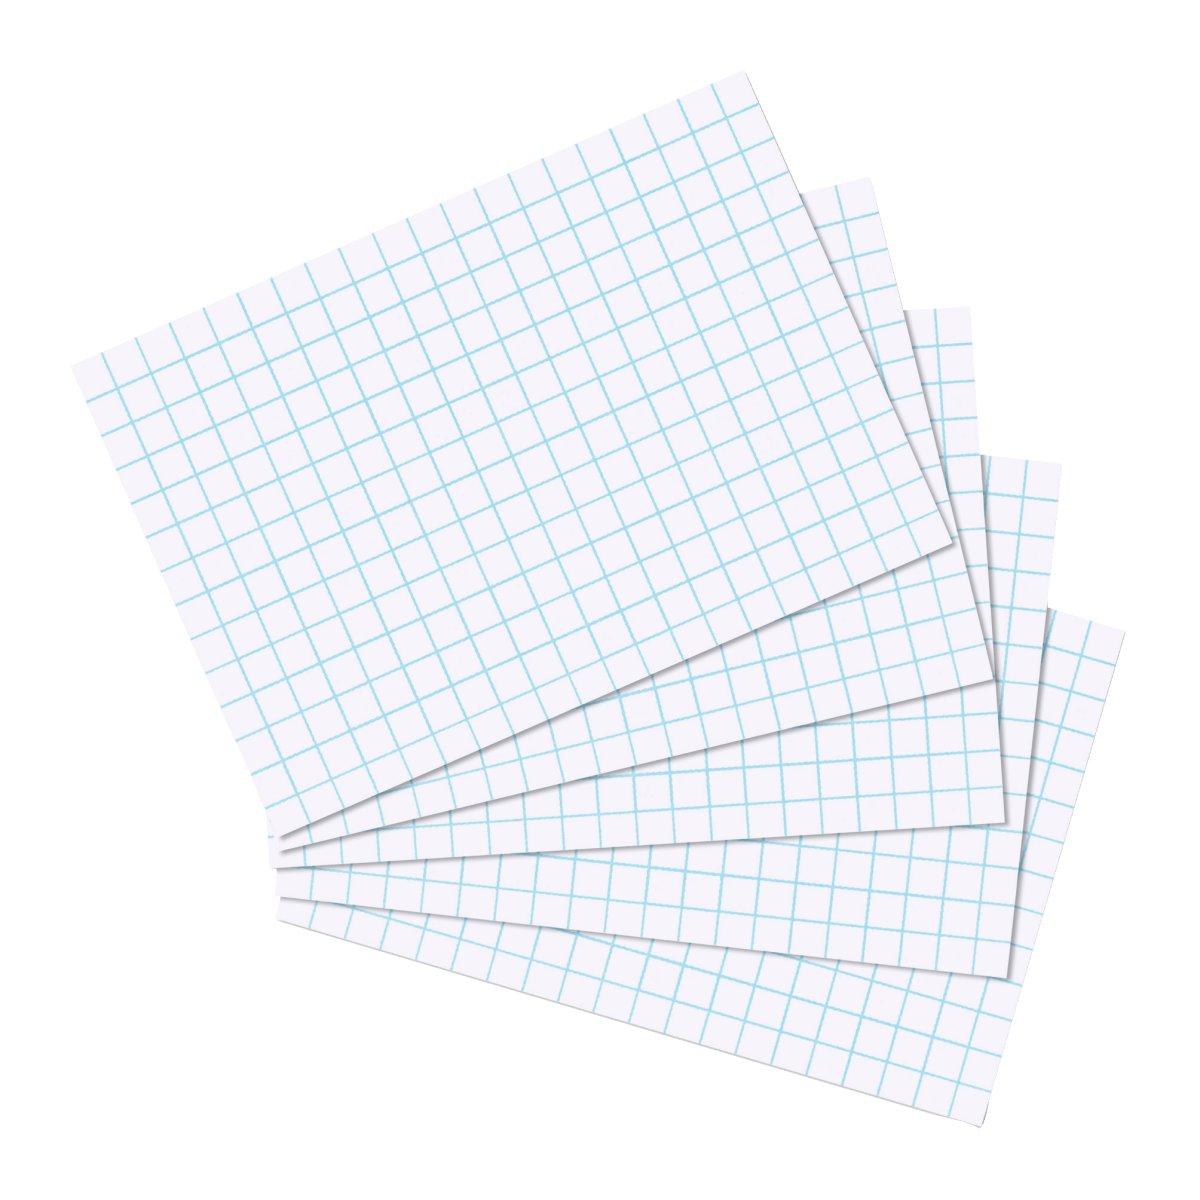 Vorschau: Herlitz 10621290 - Weiß - 100 Stück(e)